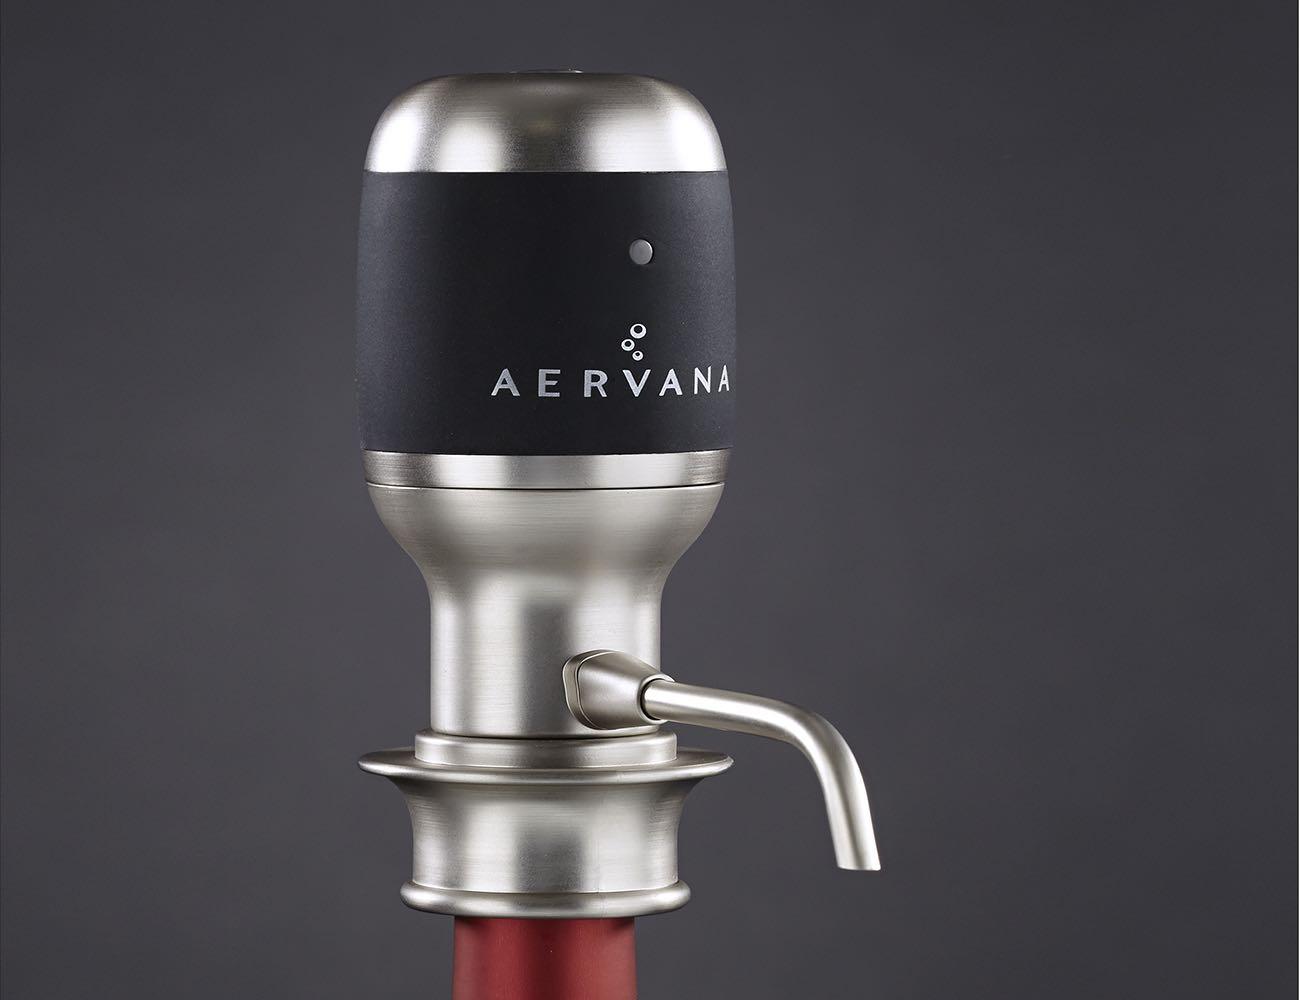 Aervana – Electric Wine Aerator